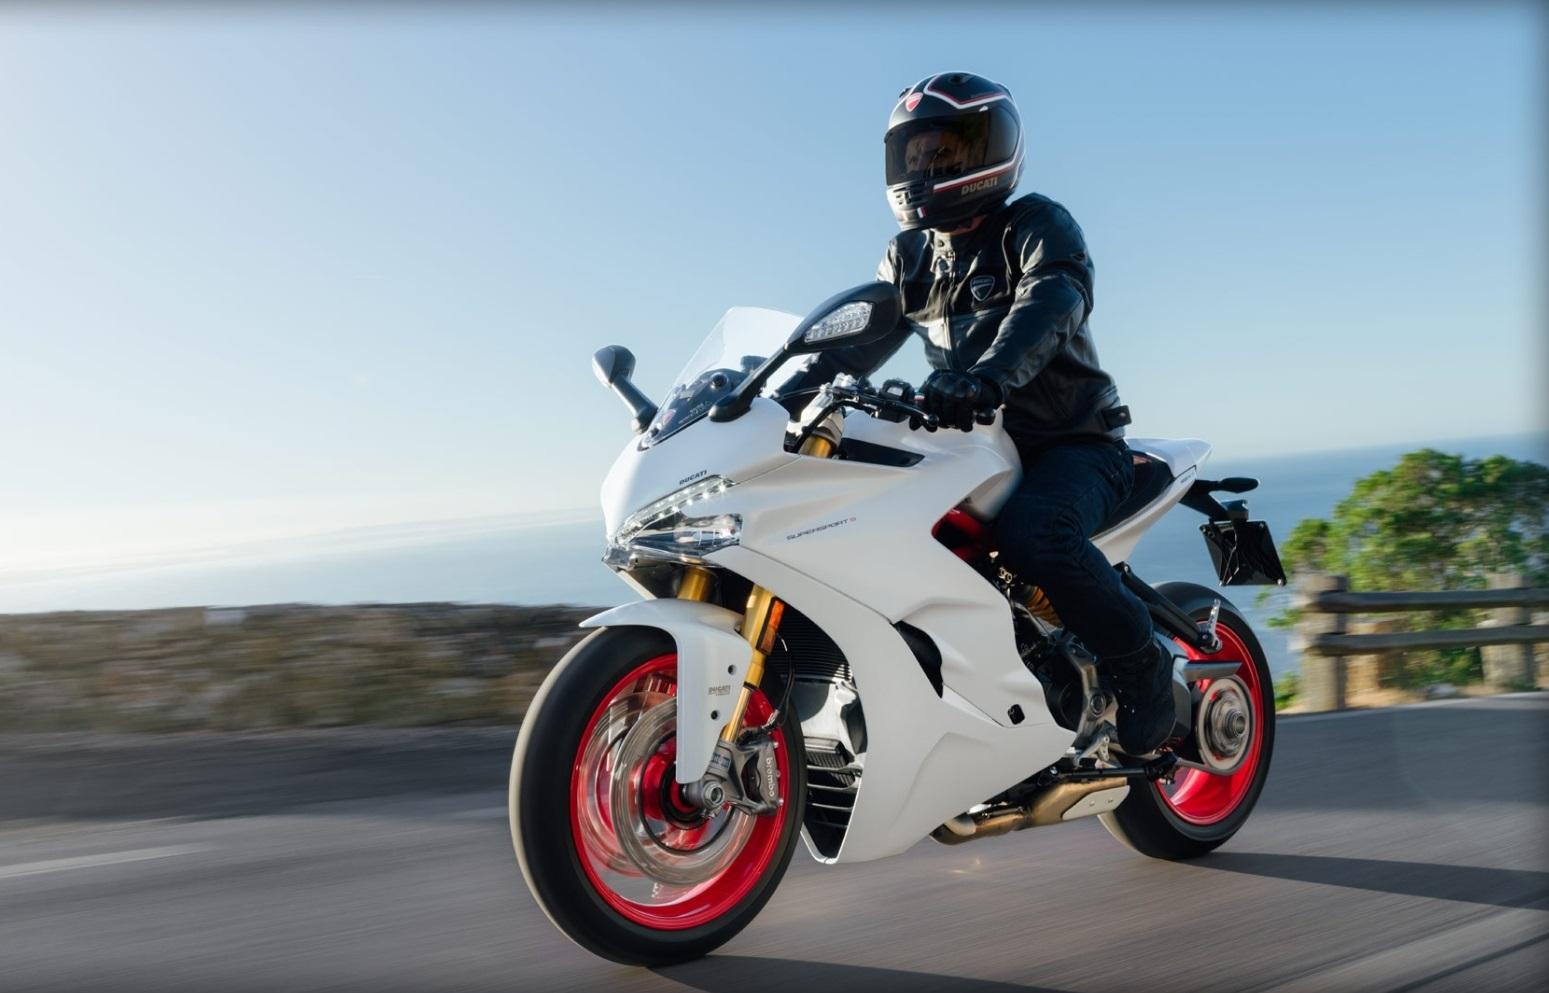 ducati supersport 939 pour rouler vite et bien auto moto magazine. Black Bedroom Furniture Sets. Home Design Ideas